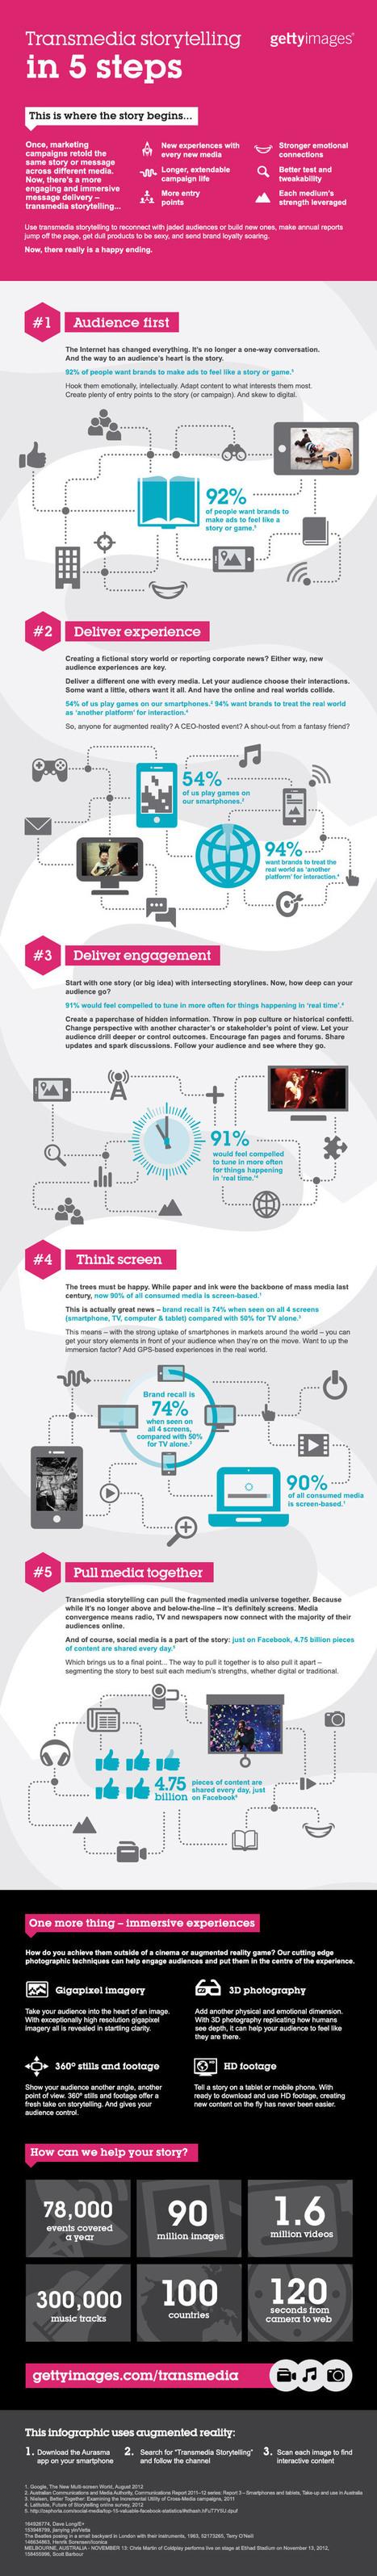 Le storytelling transmédia expliqué [infographie] | INSPIRATIONS Transmédia | Scoop.it